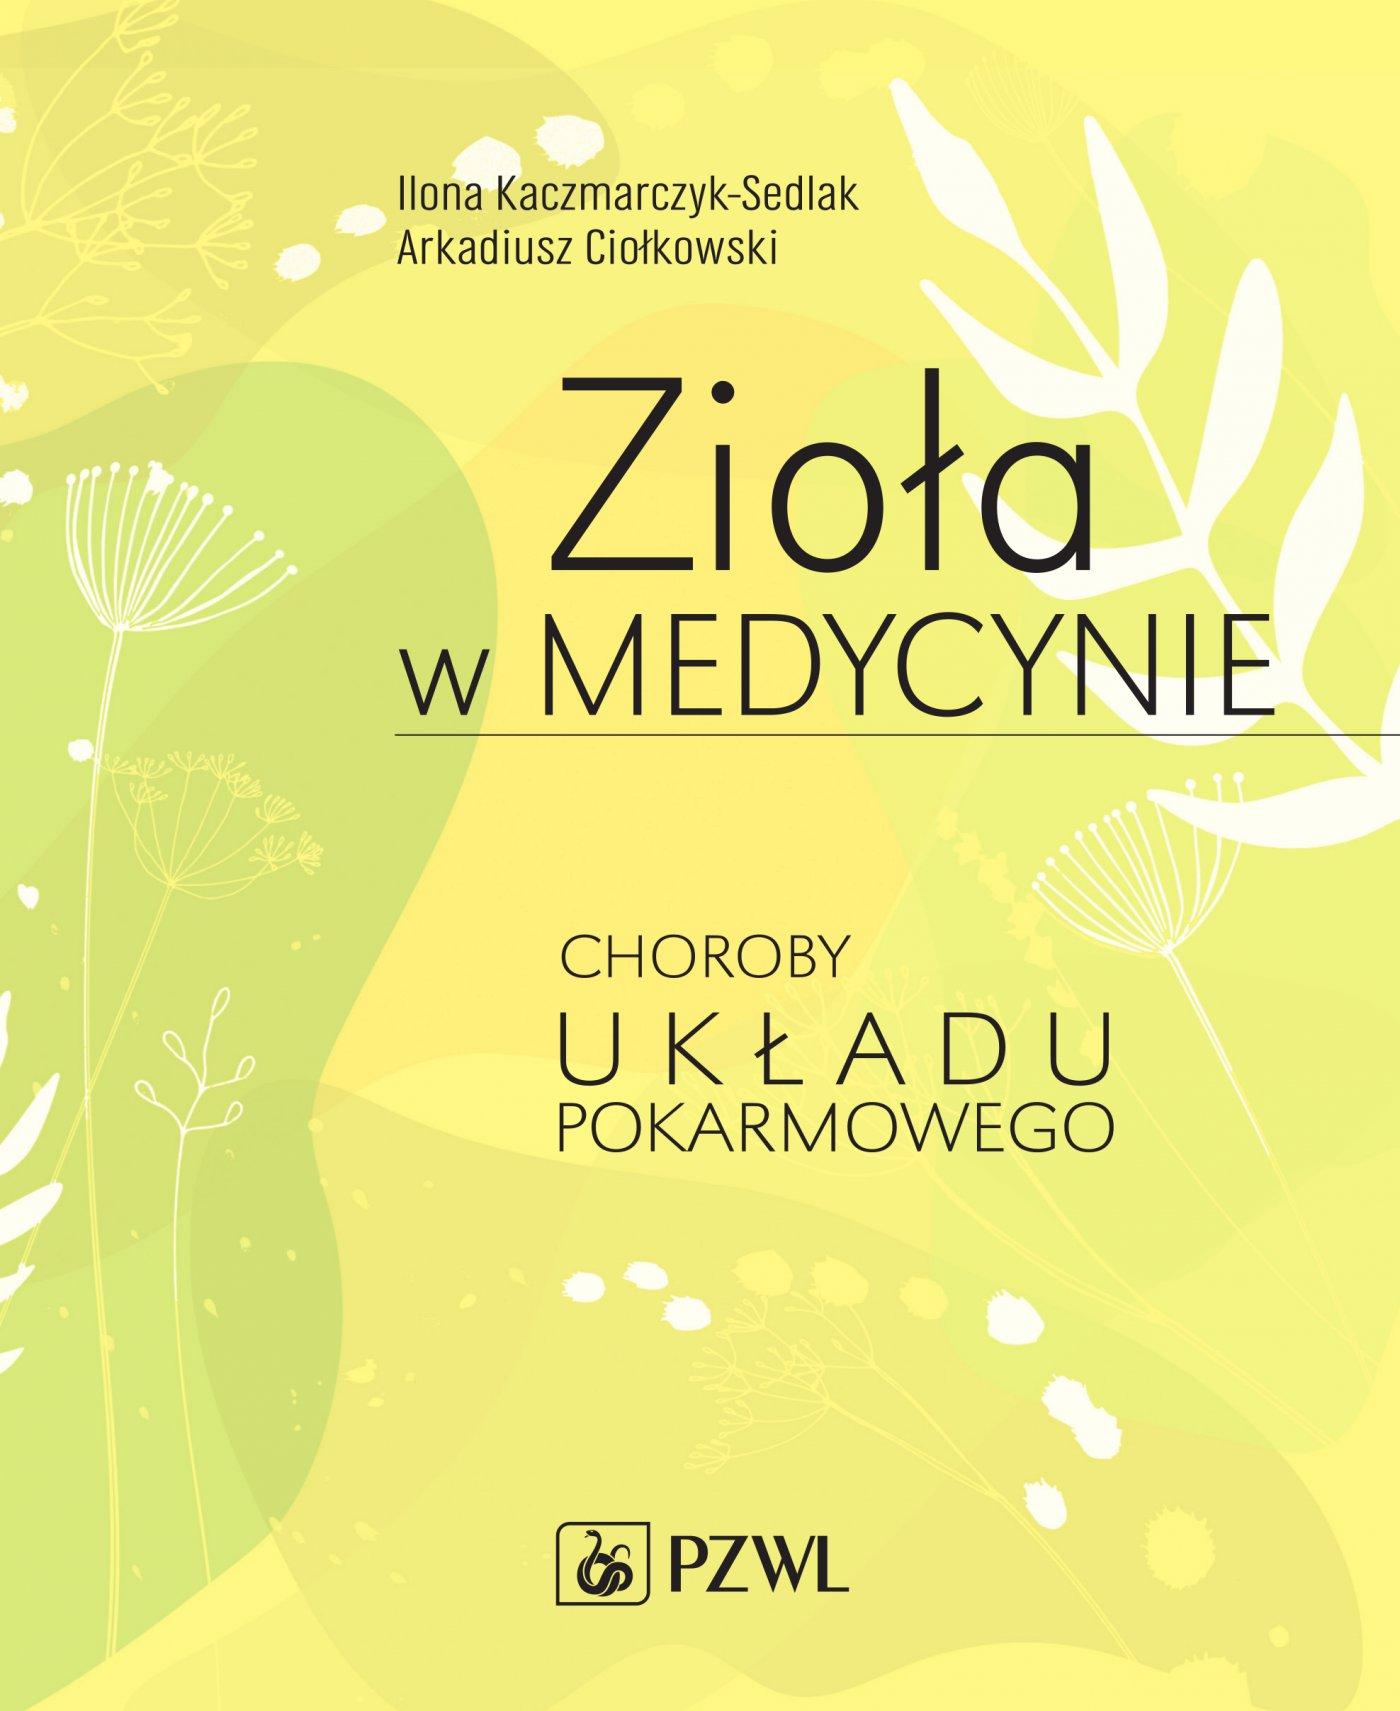 Zioła w medycynie. Choroby układu pokarmowego - Ebook (Książka na Kindle) do pobrania w formacie MOBI